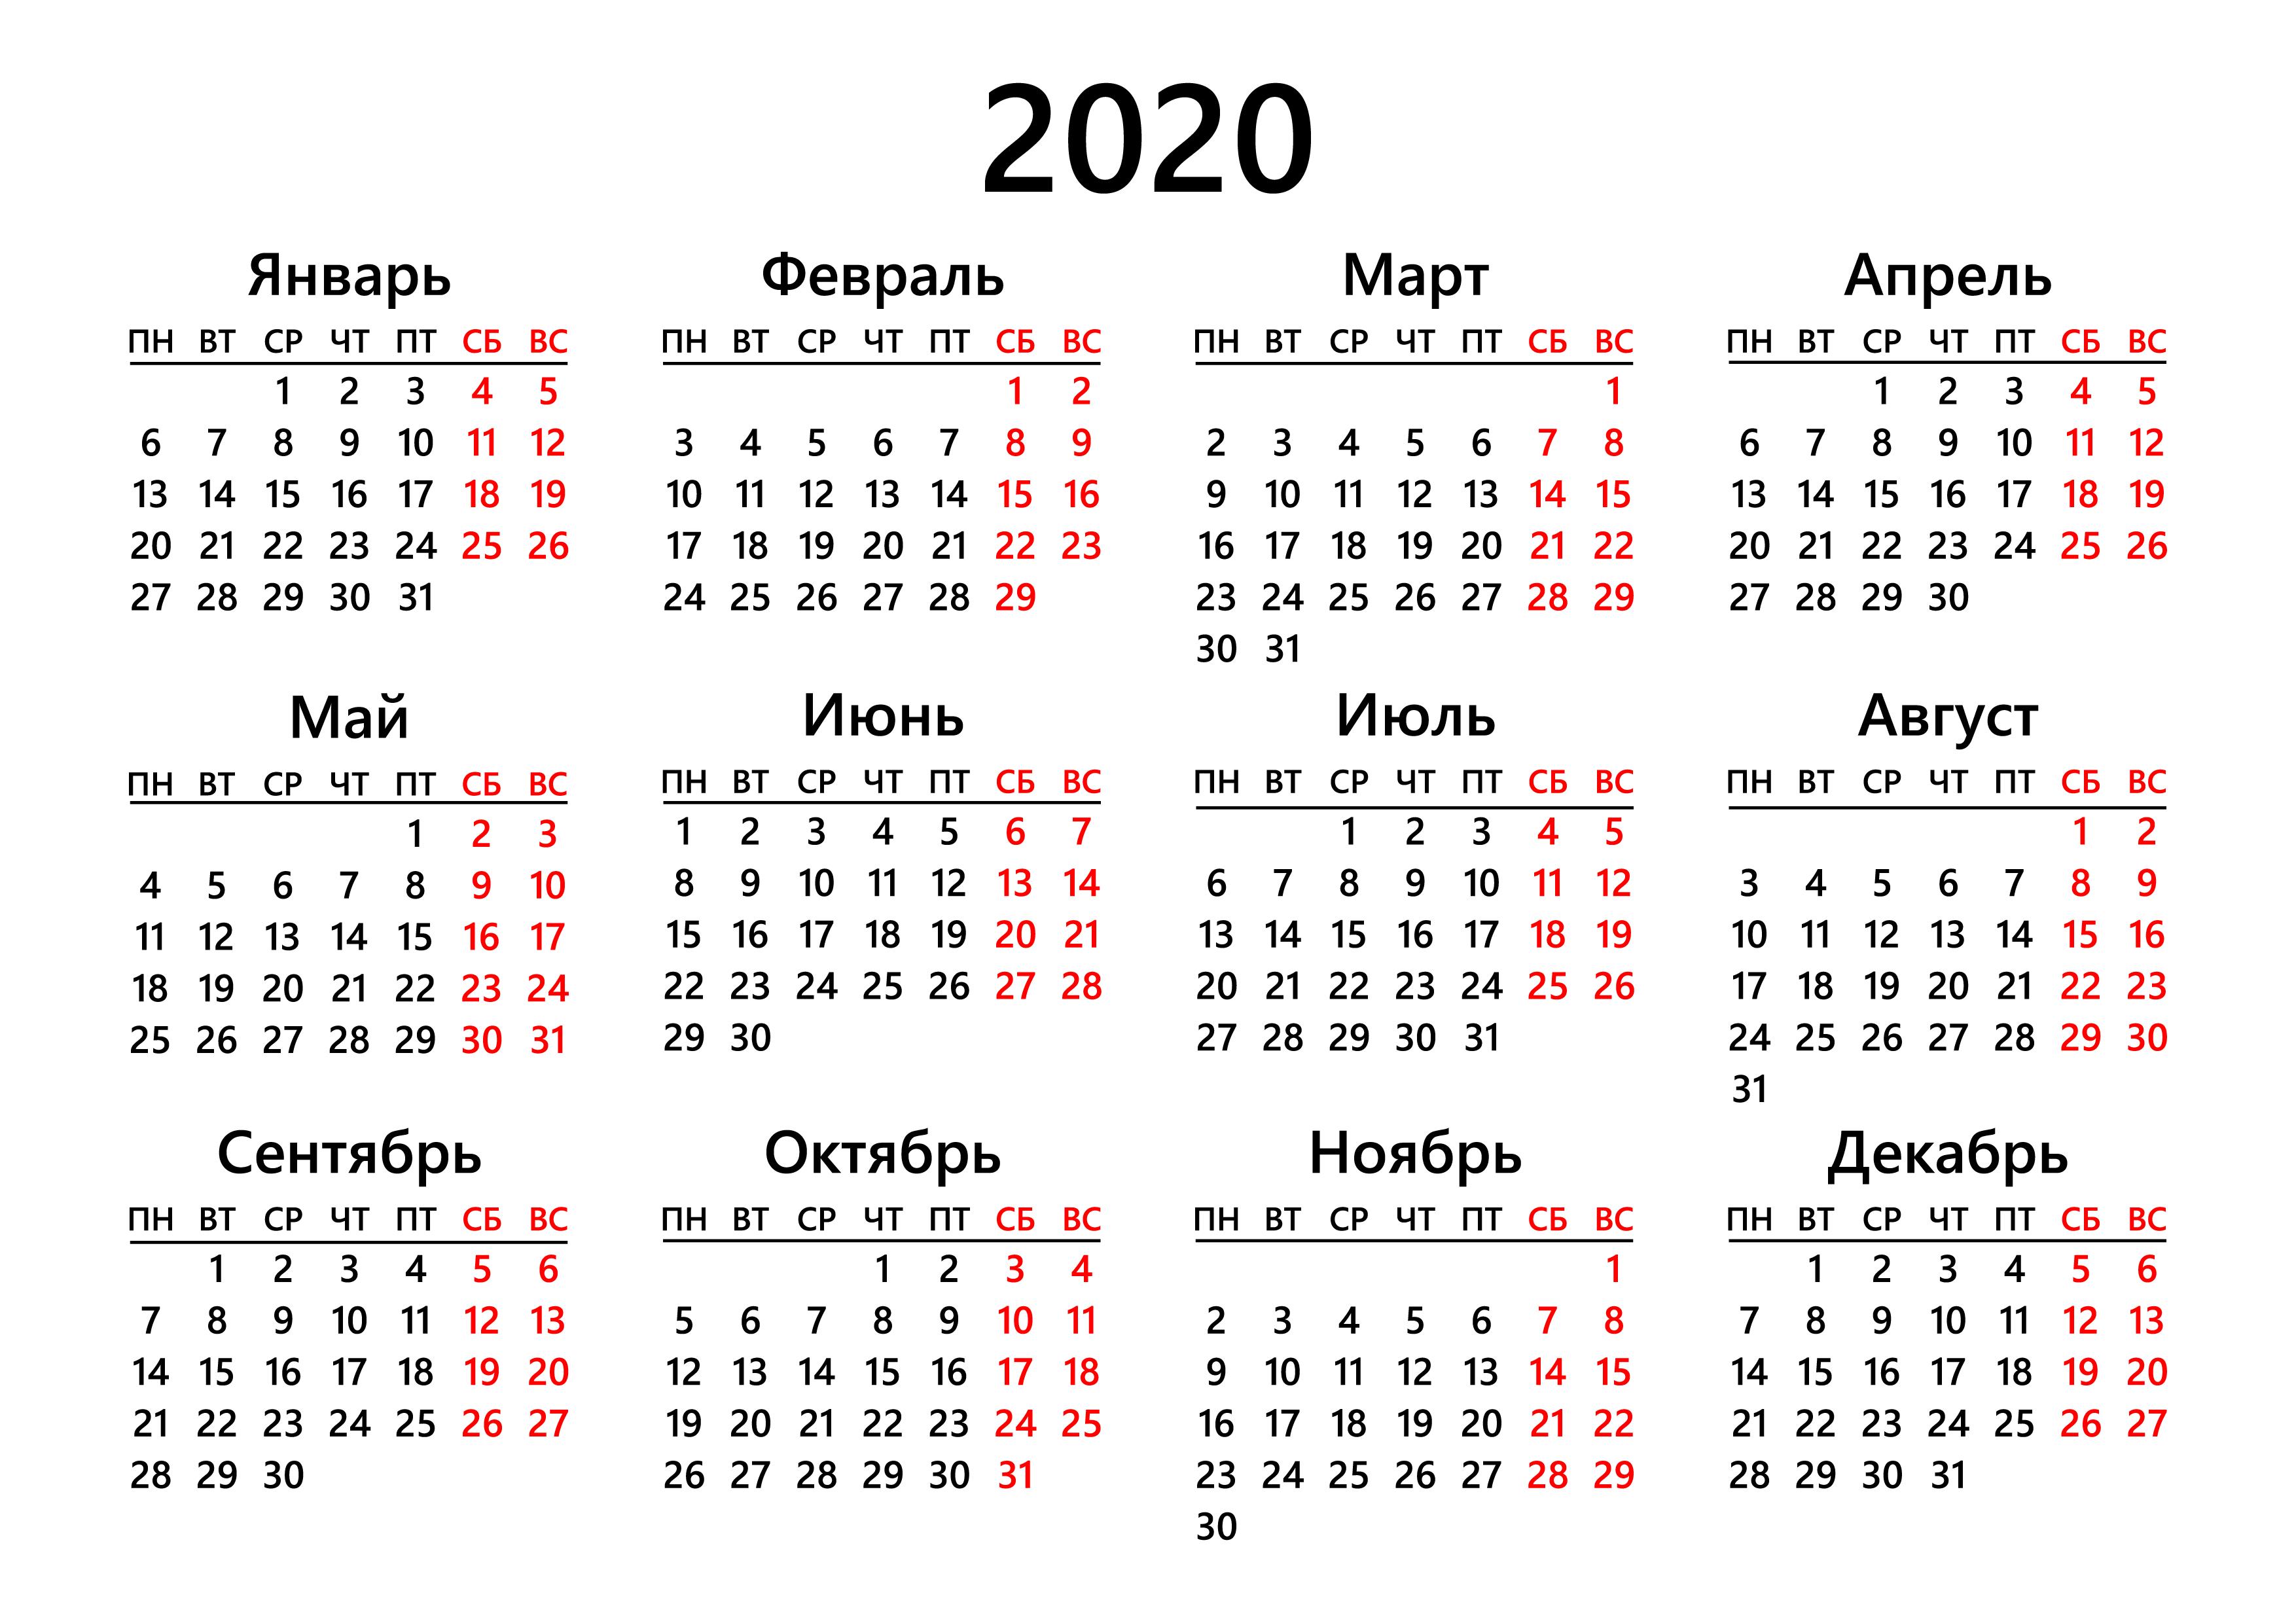 2020 Calendar Png